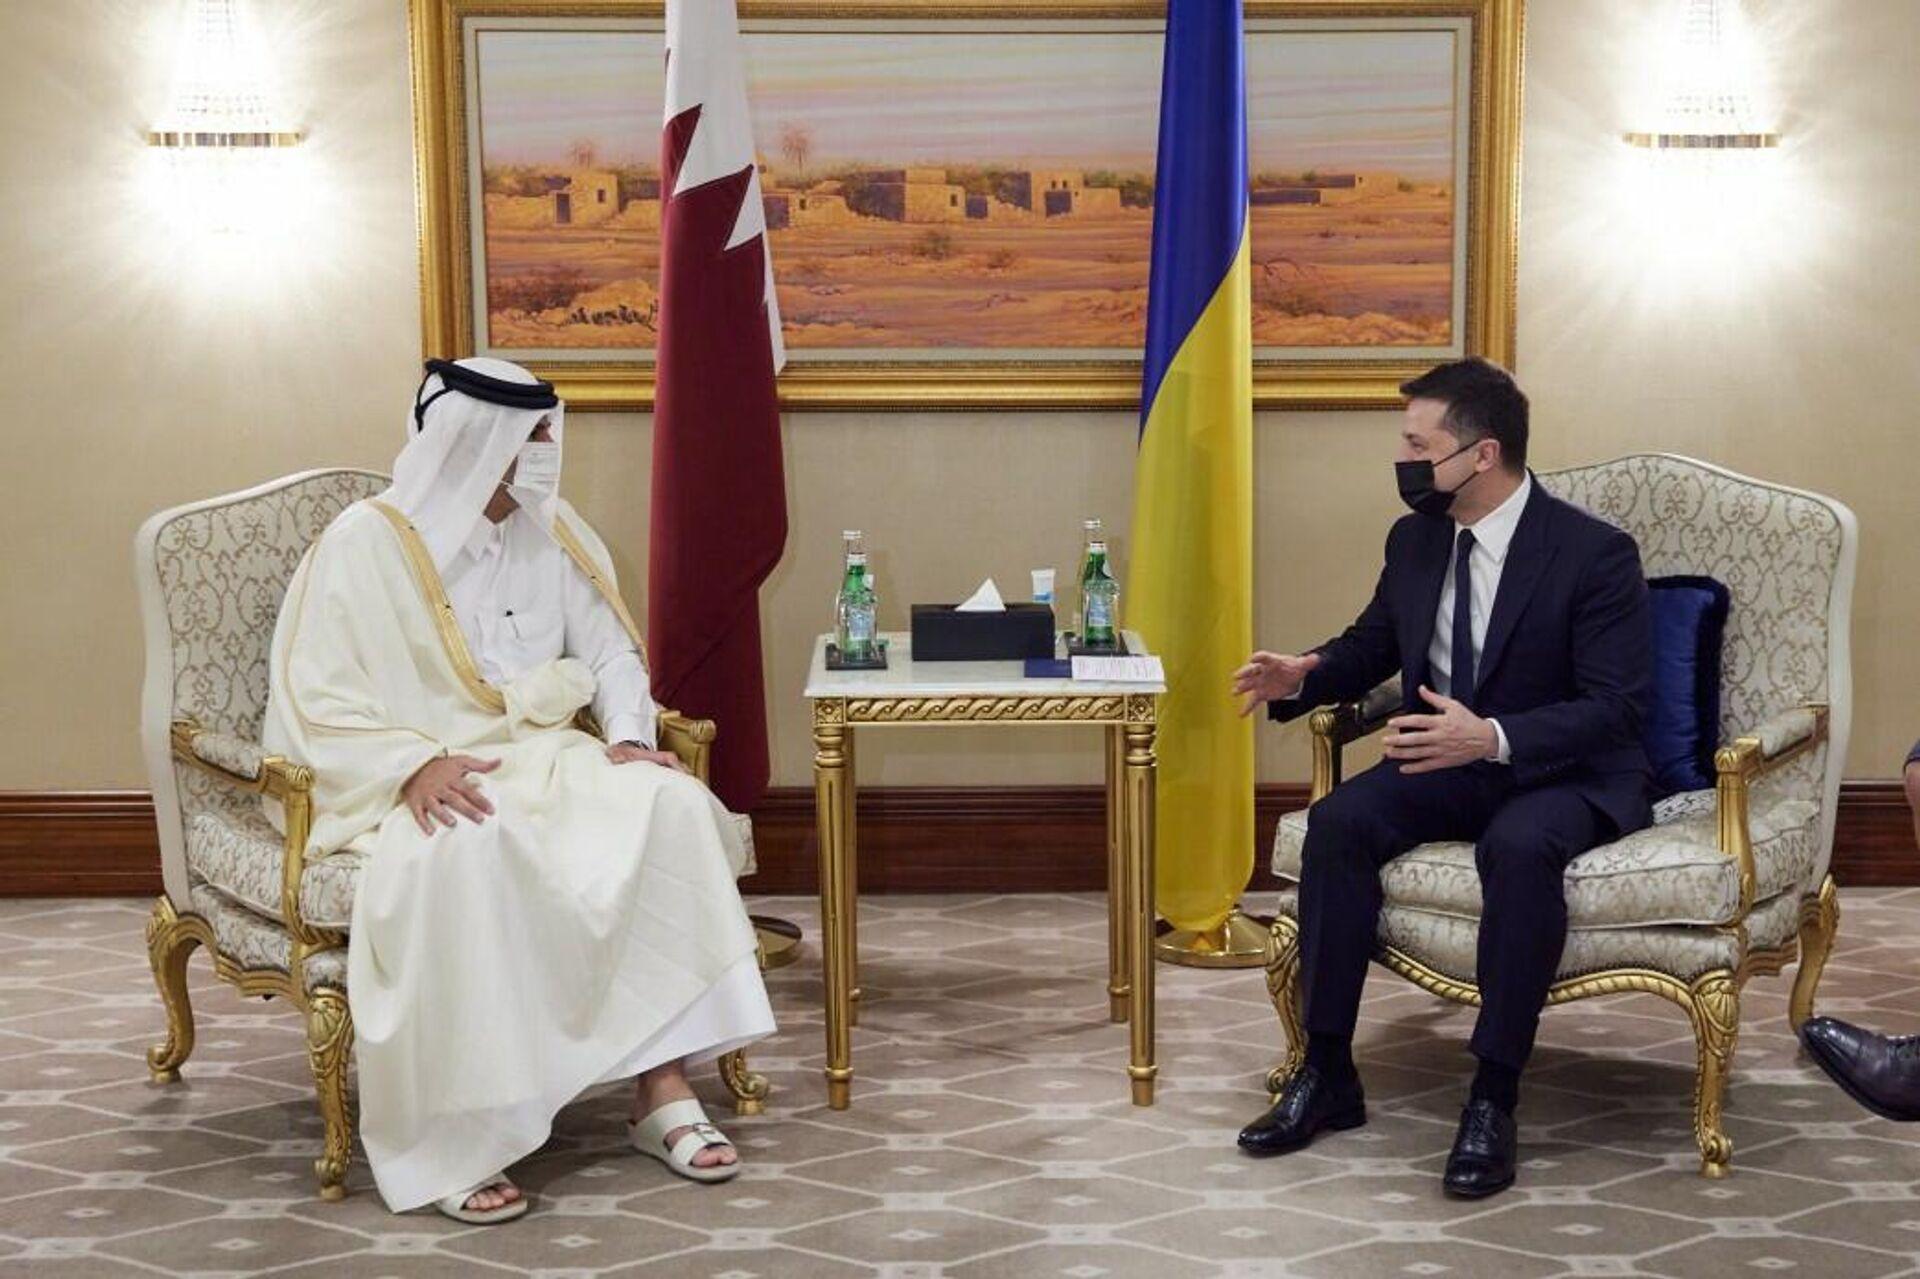 Эксперт оценила оскорбительные ошибки украинской делегации в Катаре